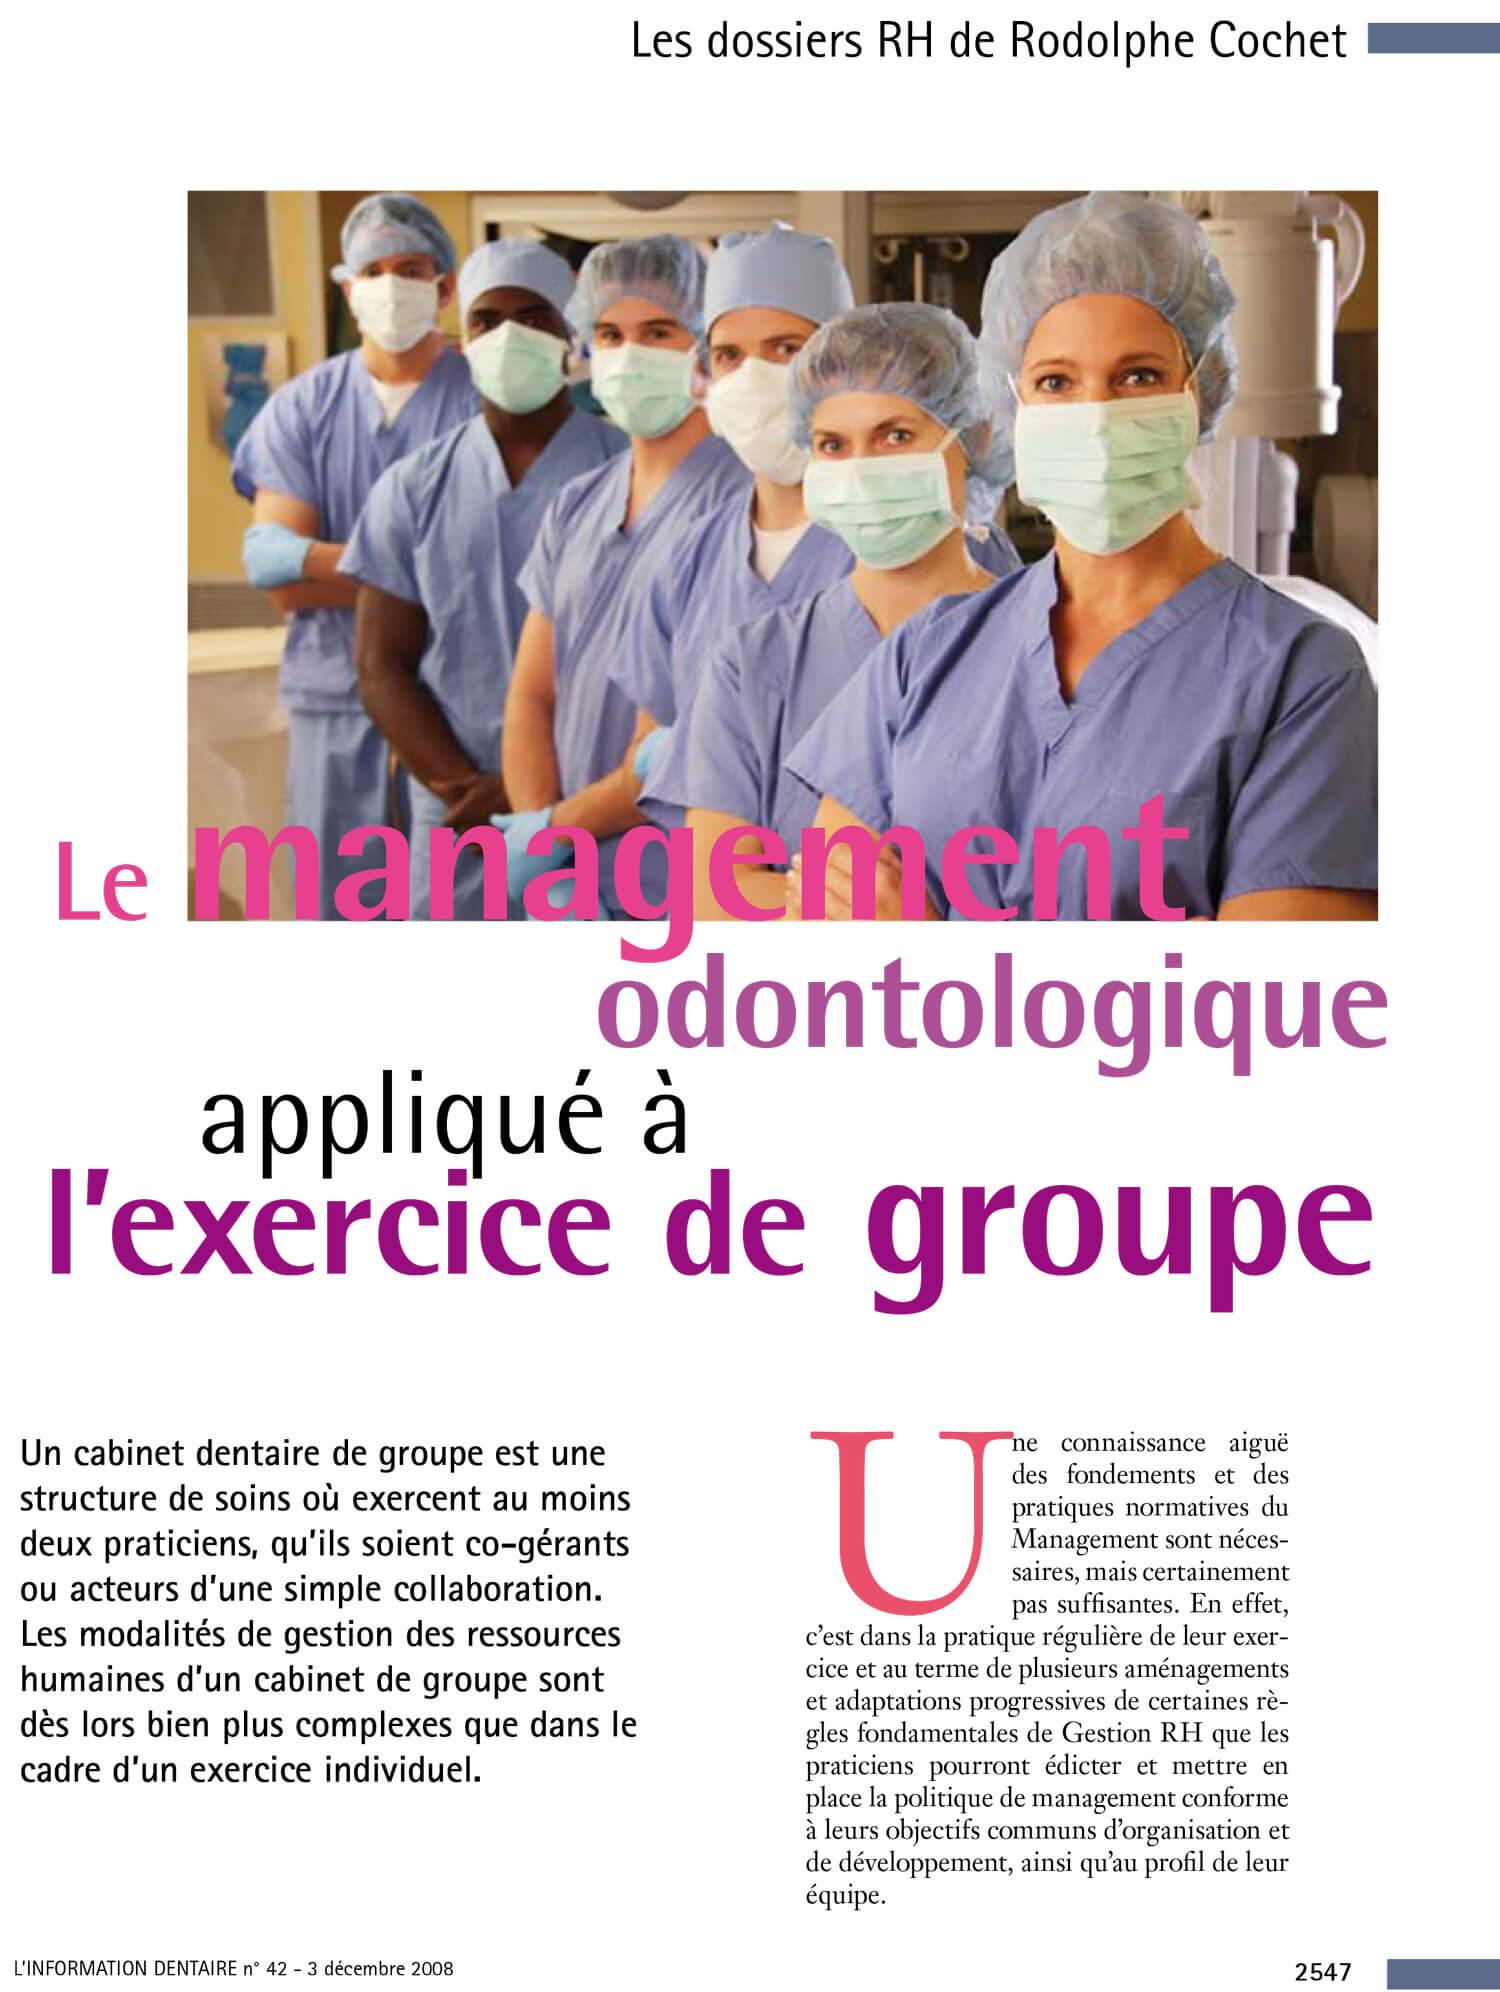 Le_Management_dentaire_applique_exercice_de_groupe_Rodolphe_Cochet.jpg